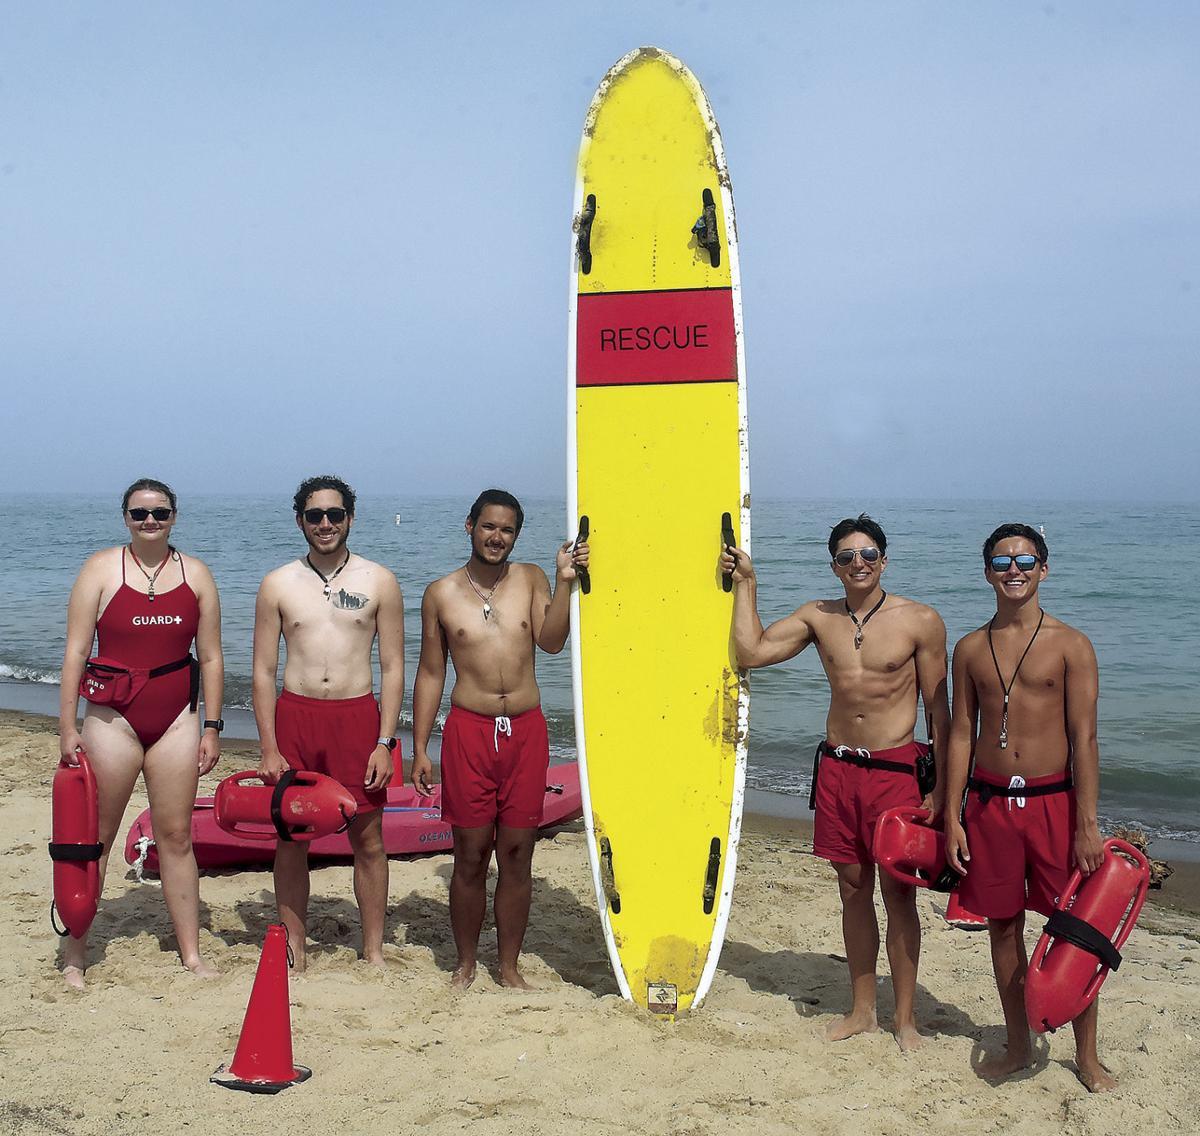 6 24 Lifeguards 1 Group Pose.jpg